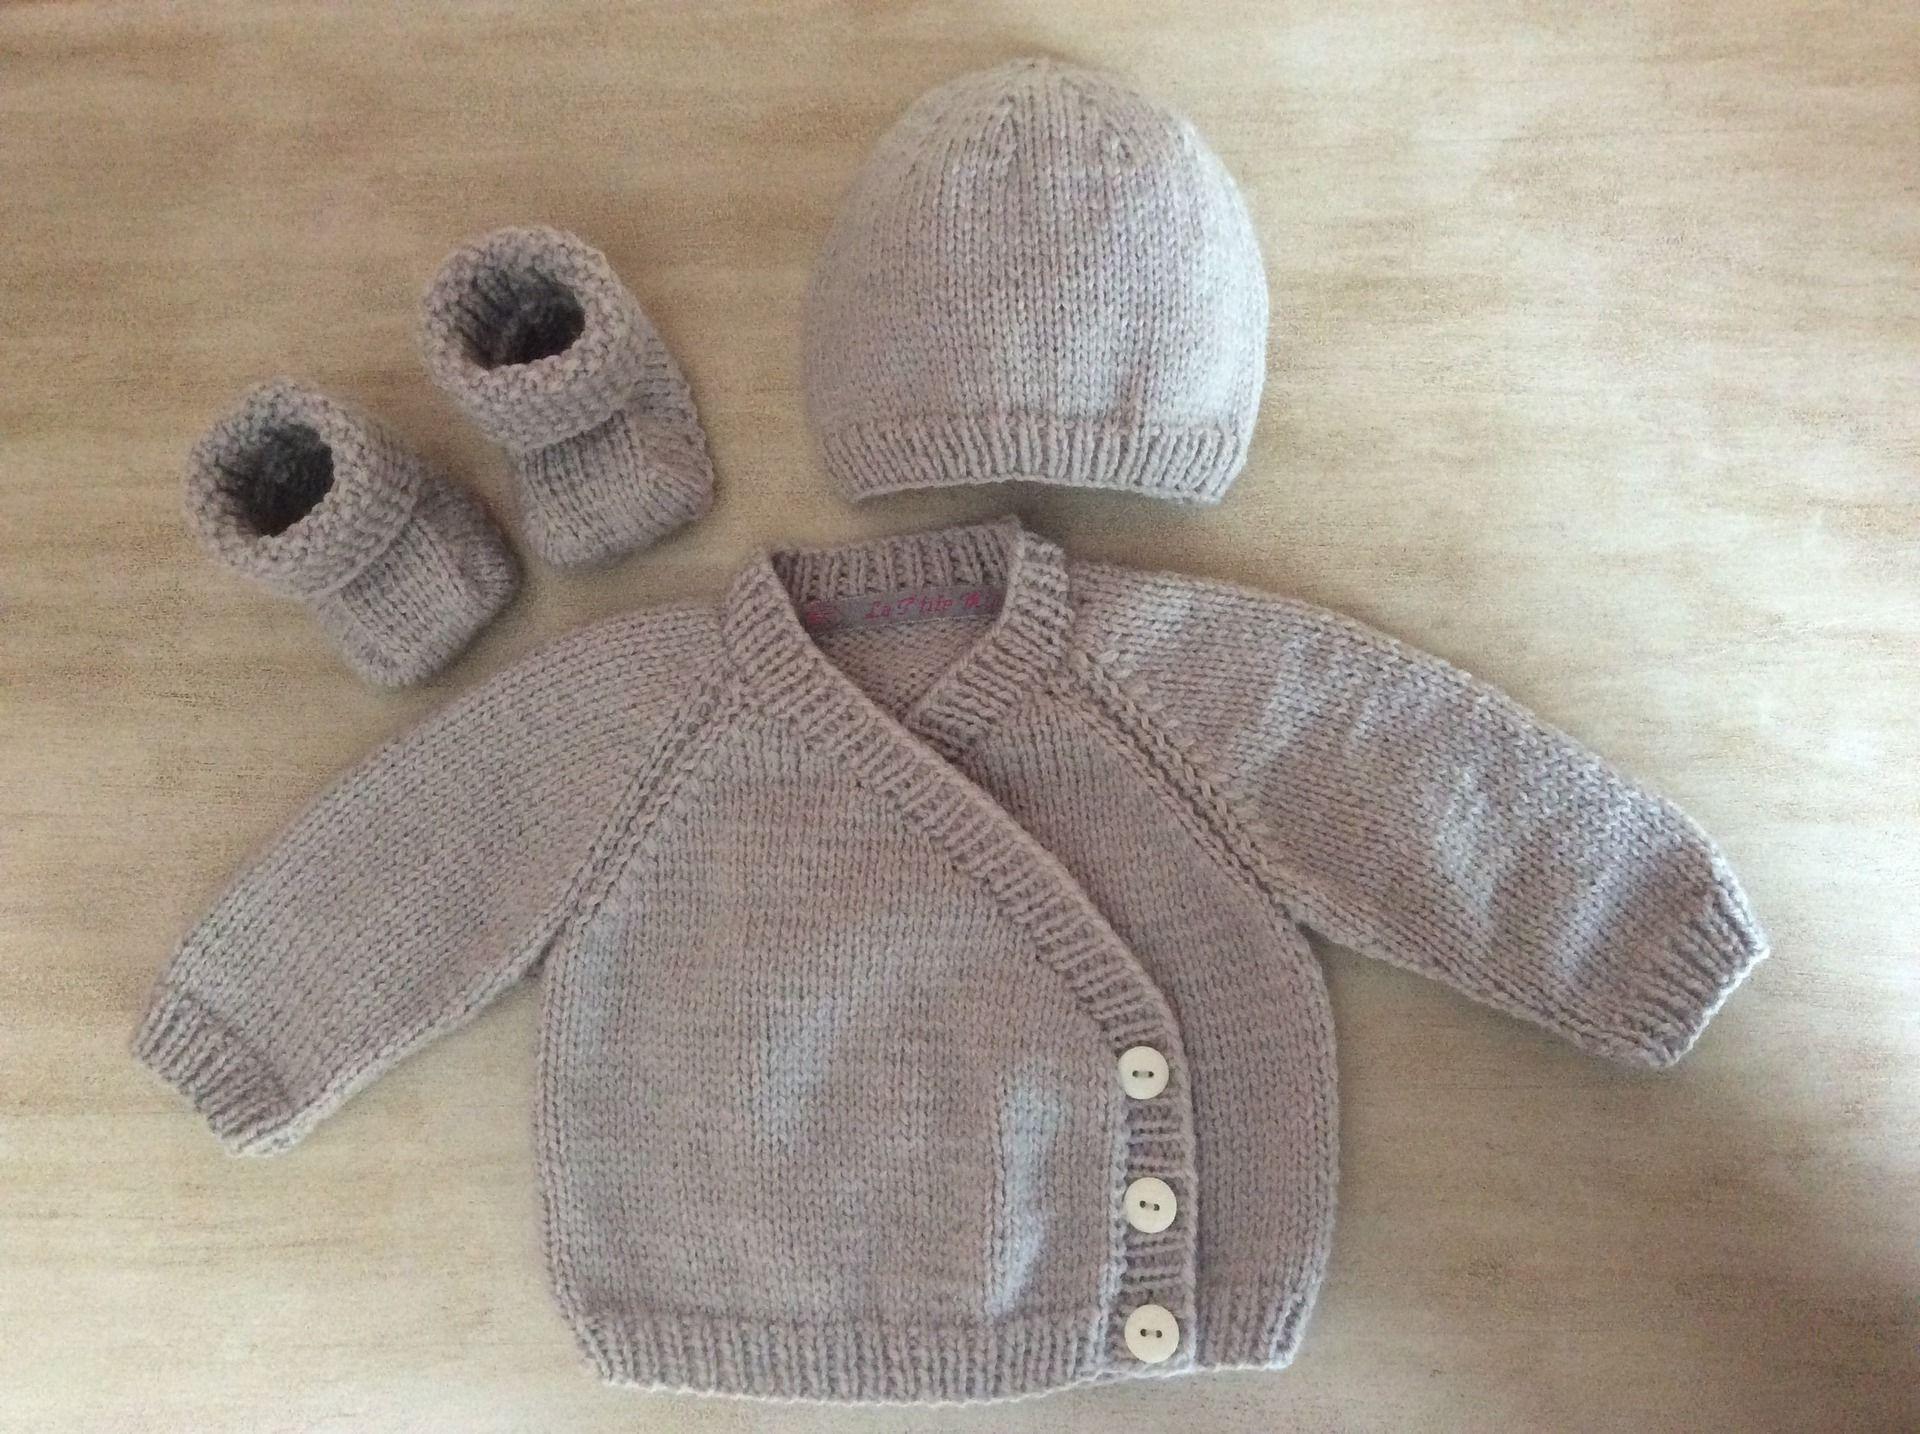 3b5787f13f100 Ensemble Bébé naissance à 1 mois Gilet Bonnet Chaussons tricotés main en  laine Couleur gris perle ...